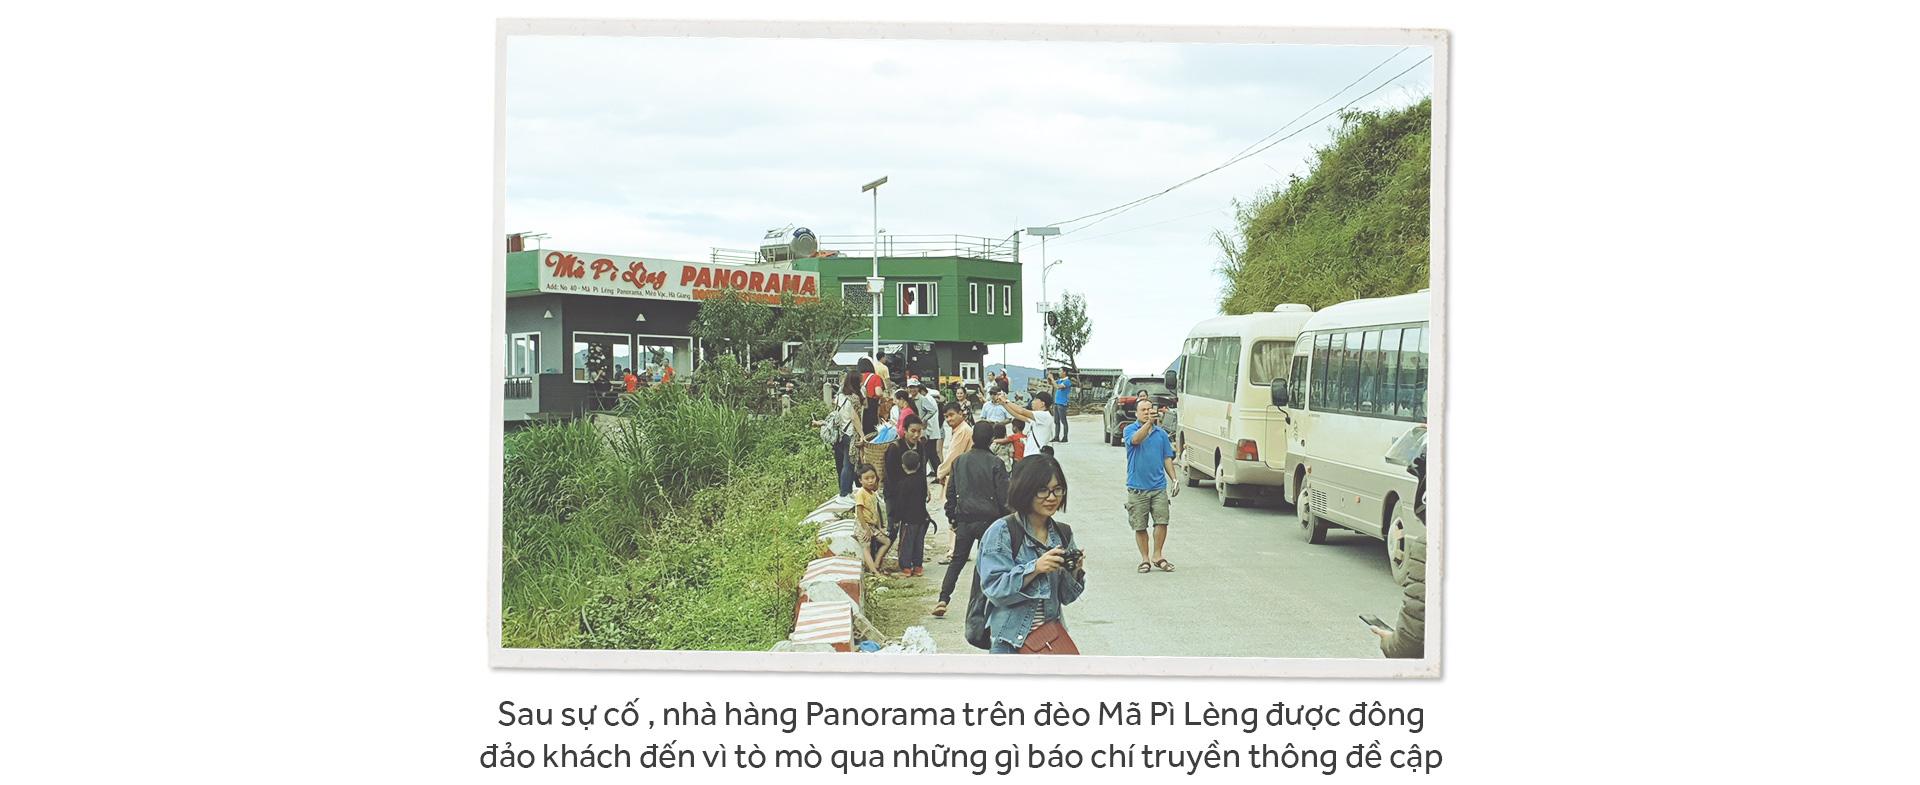 55 năm Cung đường Hạnh Phúc trên trập trùng núi đá Hà Giang - Ảnh 10.